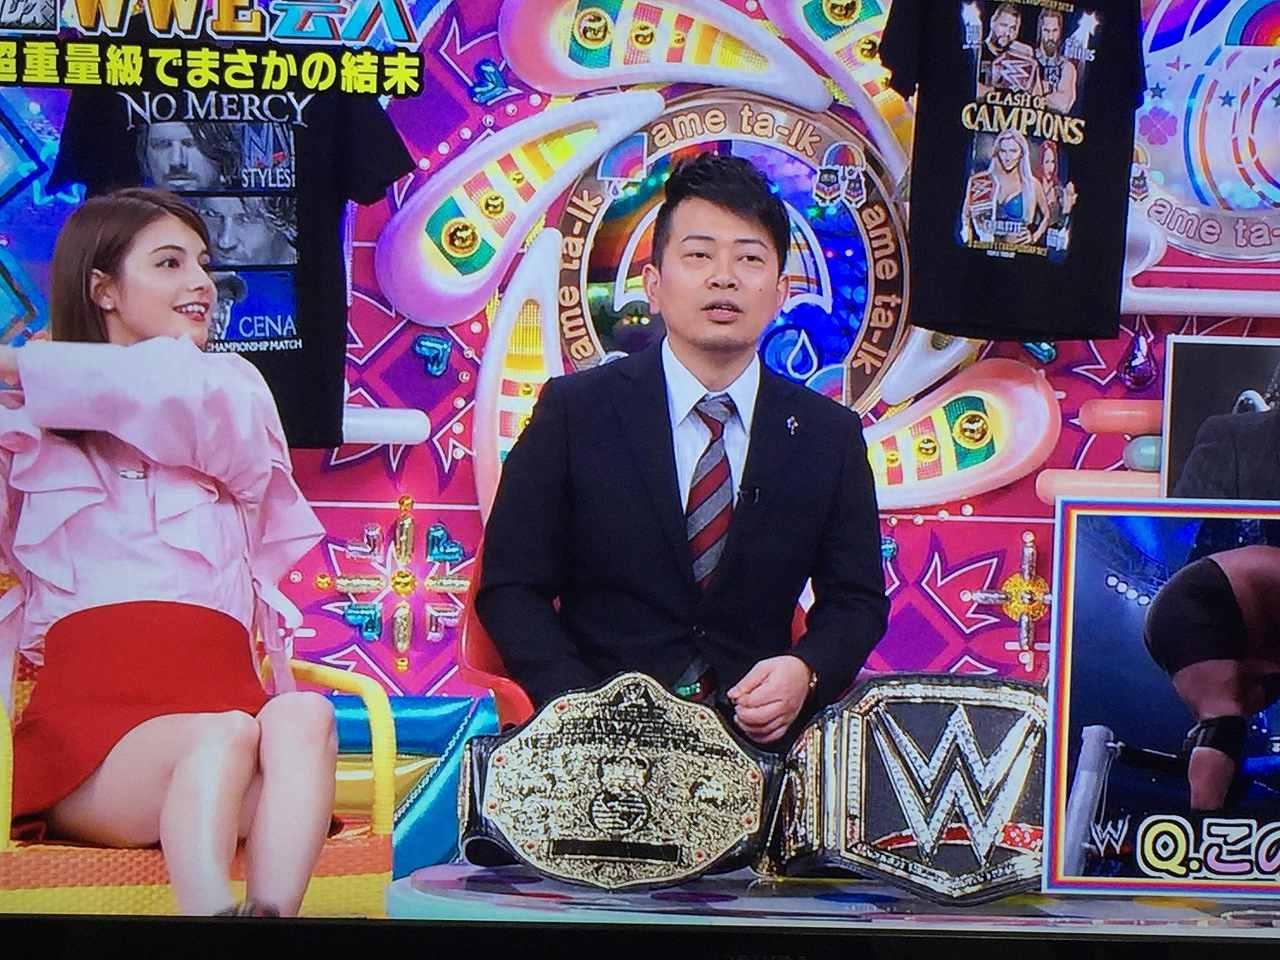 テレ朝「アメトーーク!」WWE芸人、タイトスカートで座ってパンチラしてるマギー